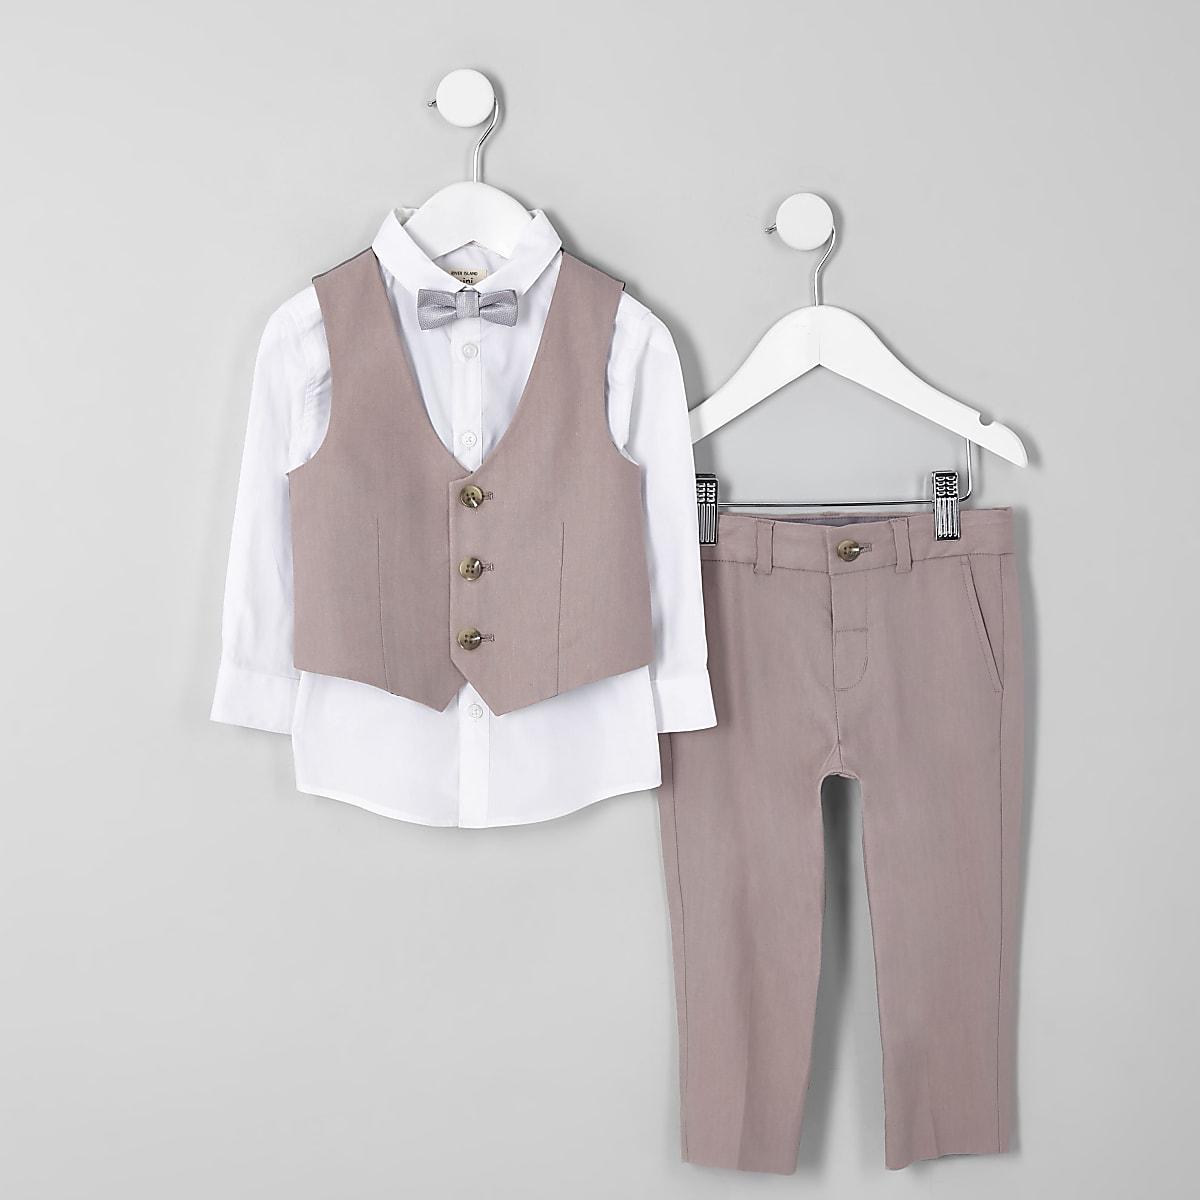 Mini boys pink linen bow tie suit outfit